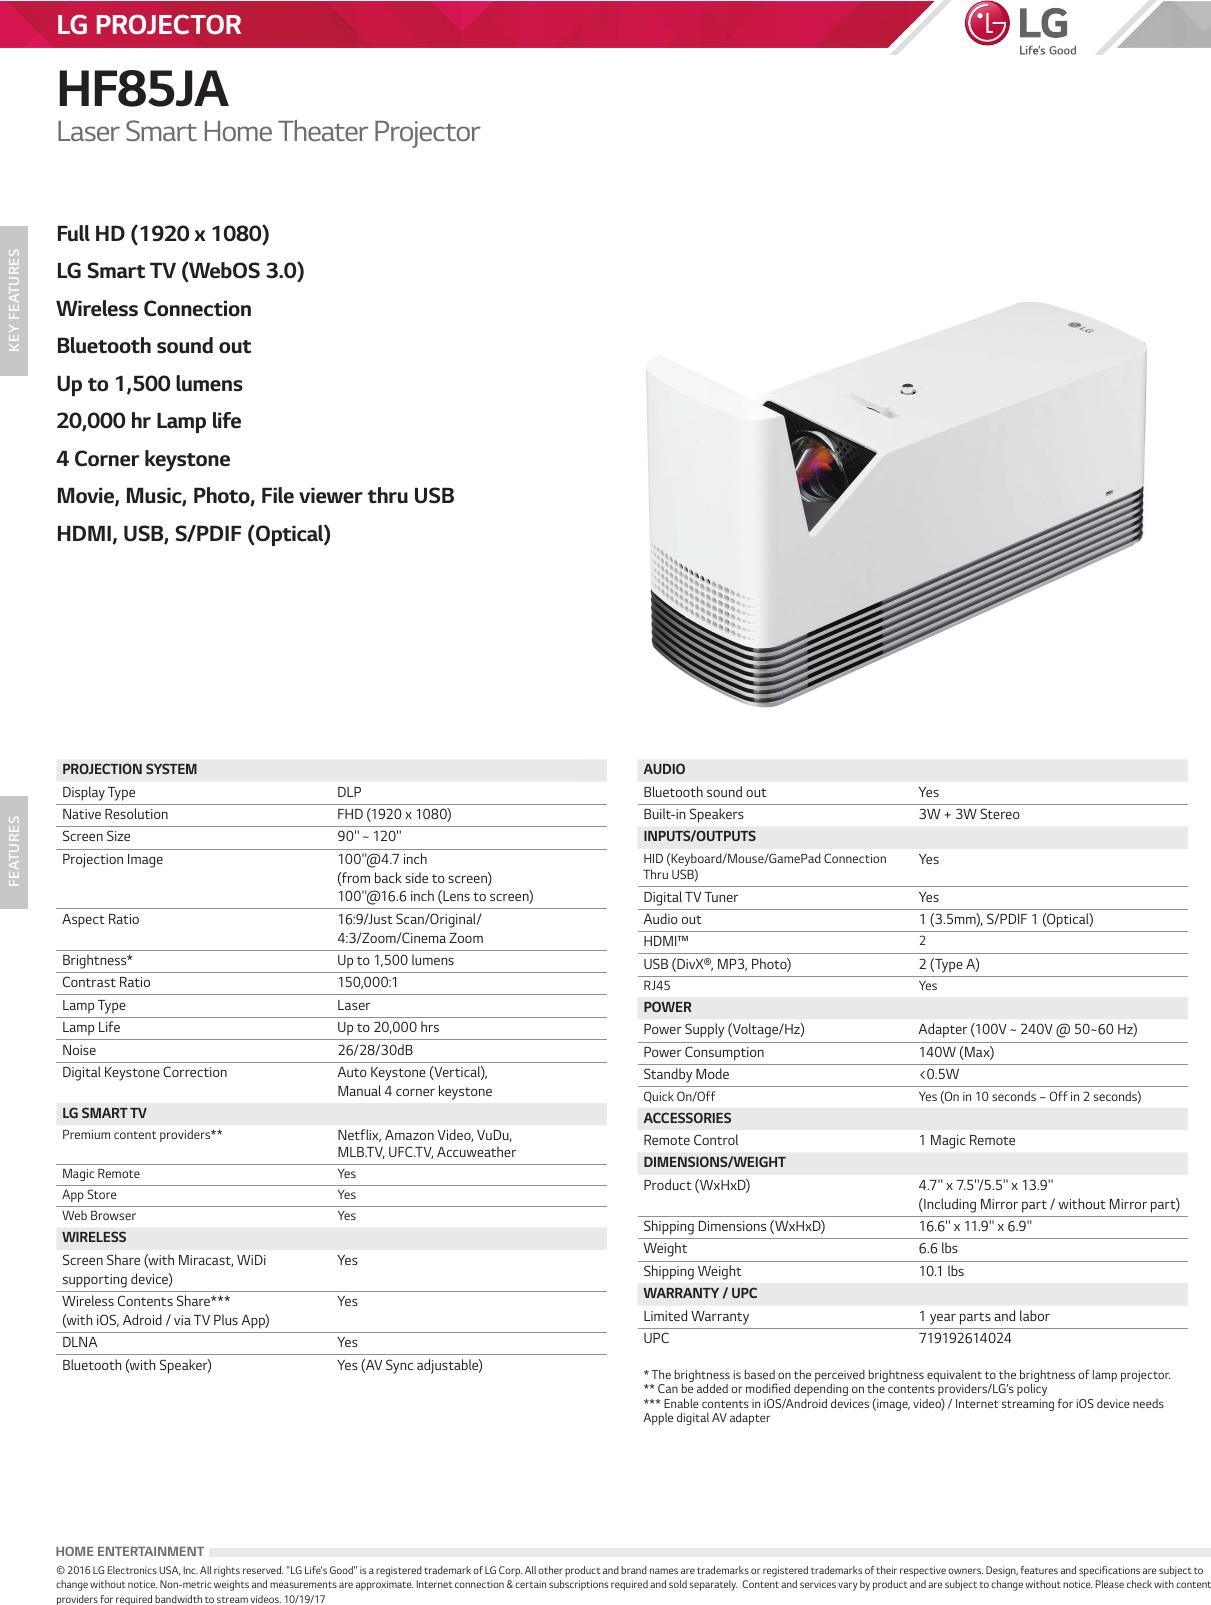 LG HF85JA User Manual Specification Spec Sheet 20171019